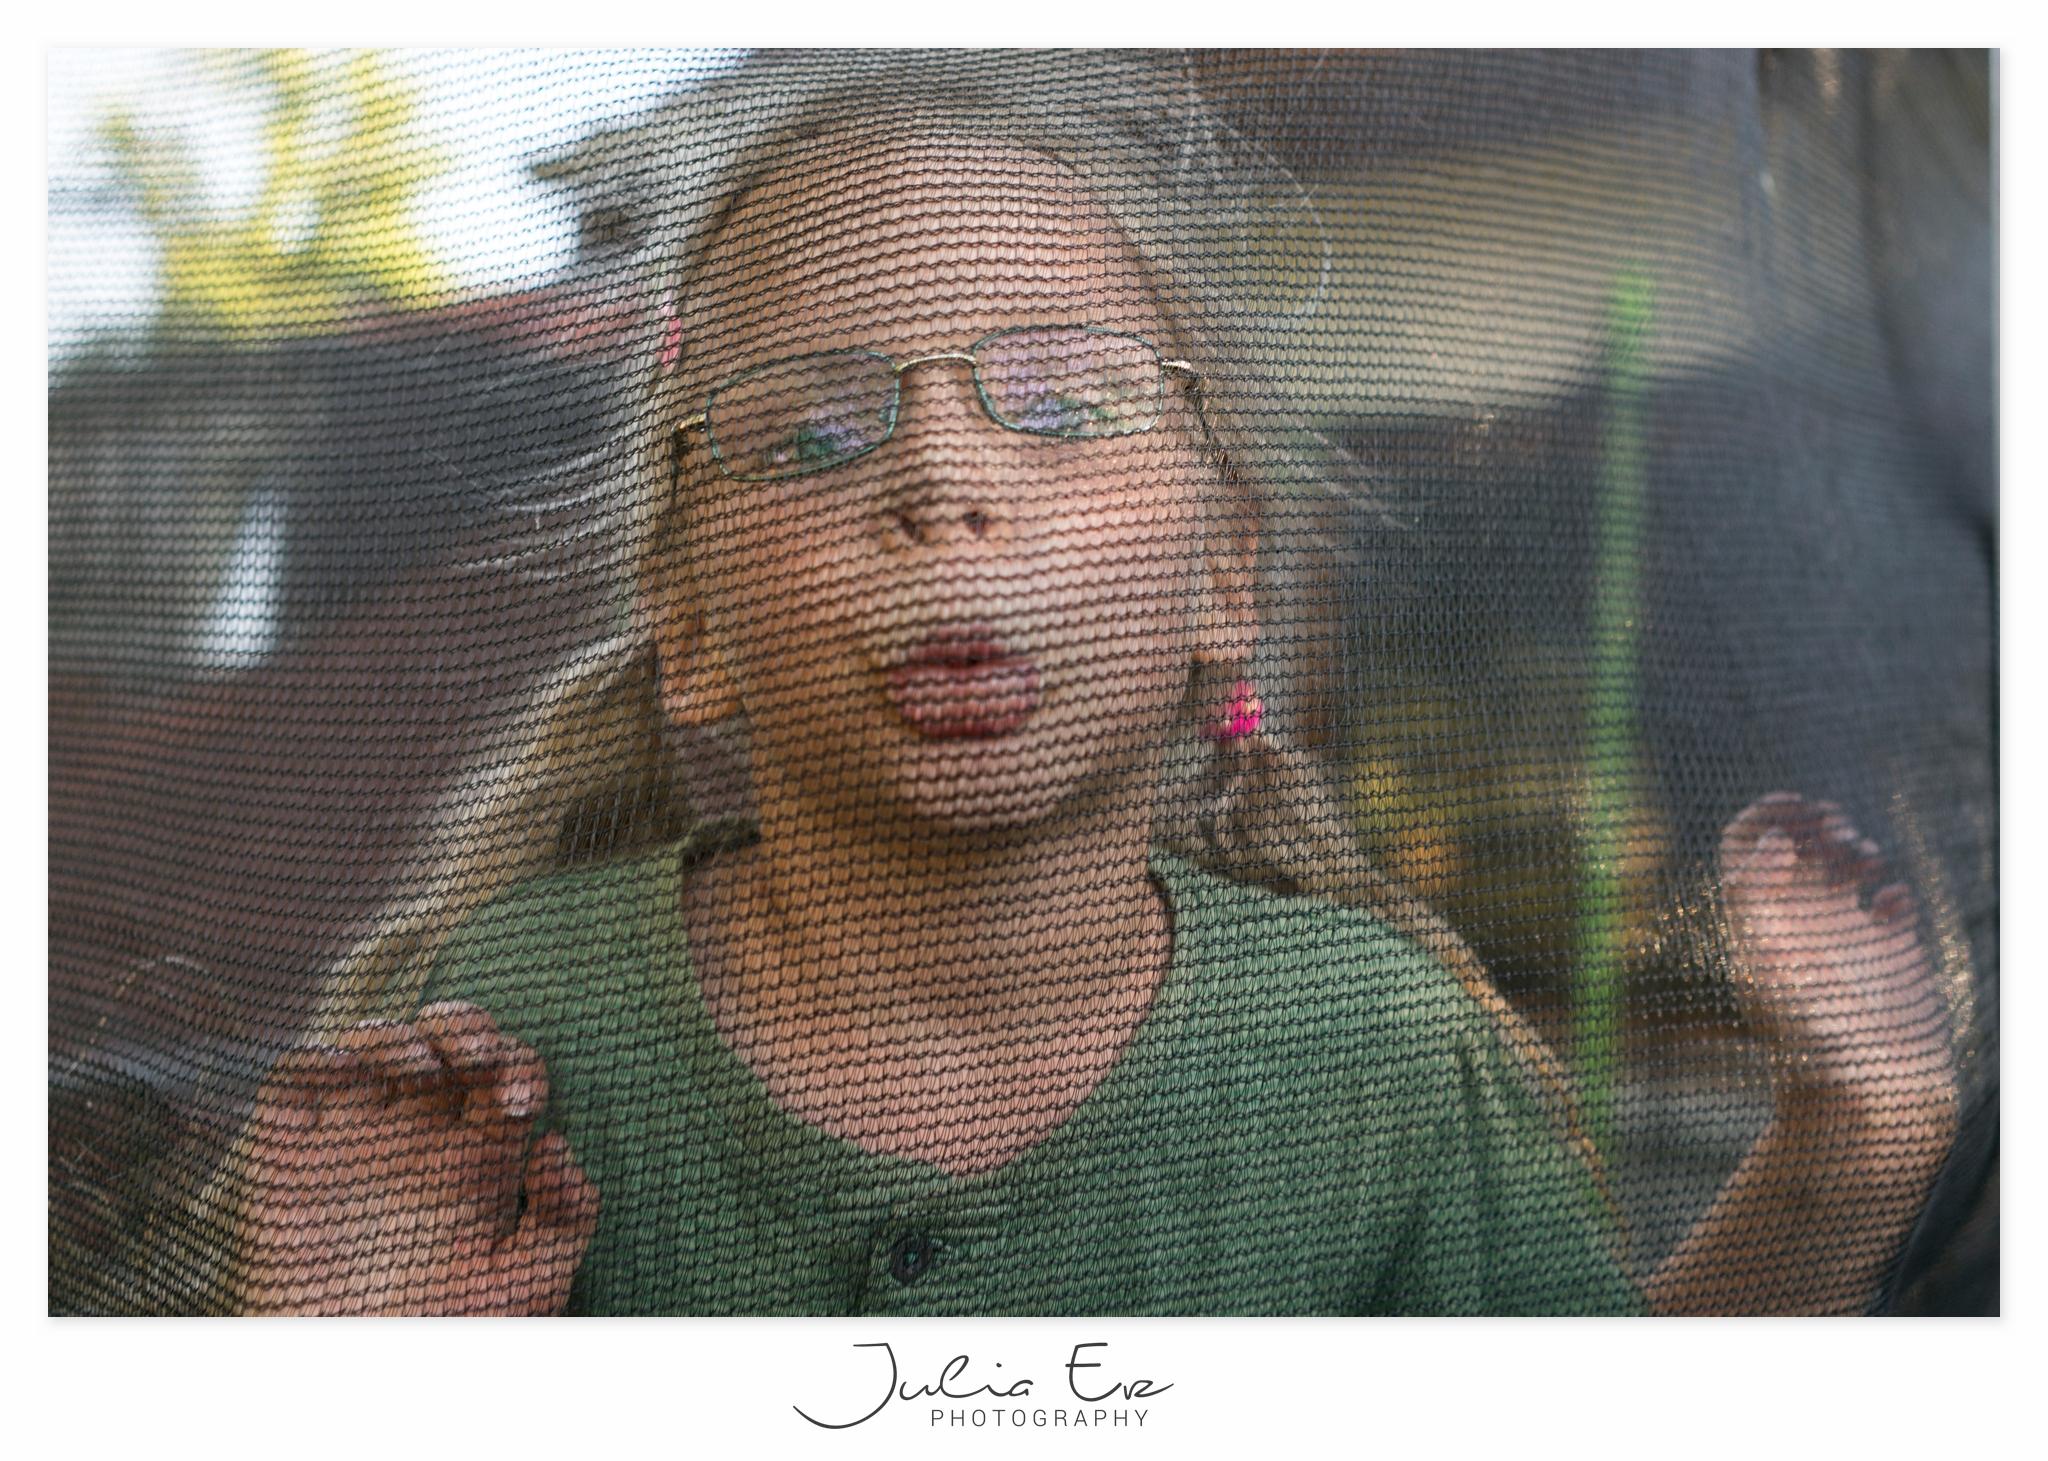 Familienfotografie Julia Erz - Mädchen draussen in Trampolin